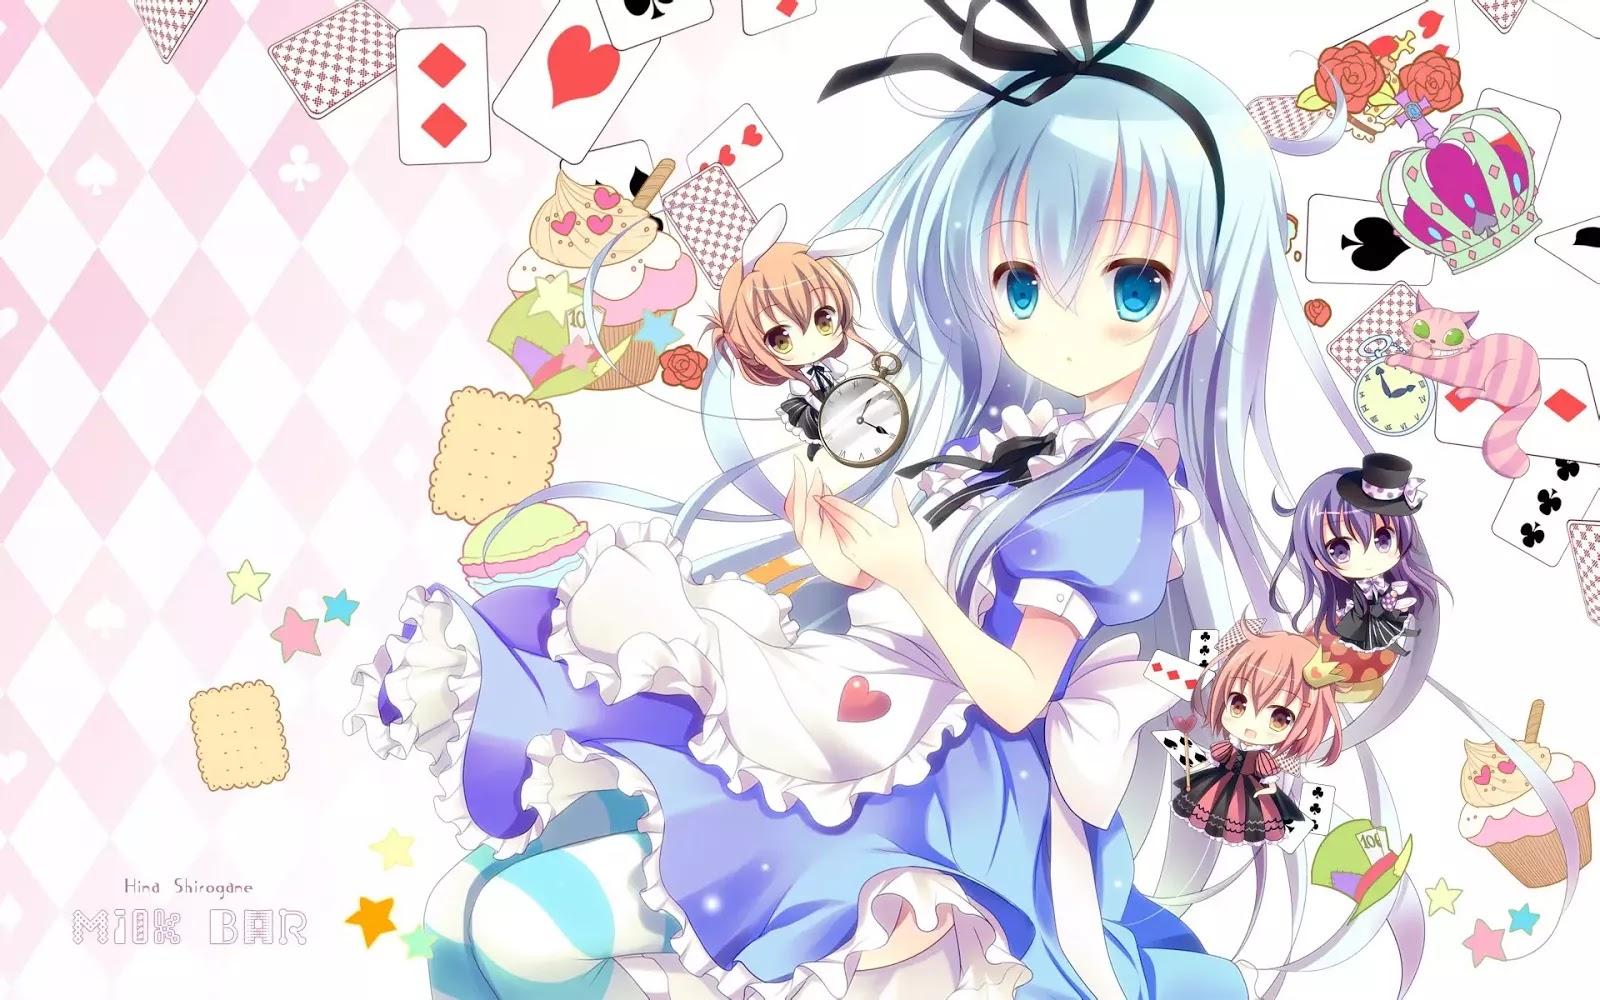 AowVN%2B%252873%2529 - [ Hình Nền ] Loli cực đẹp , cực độc Full HD | Anime Wallpaper